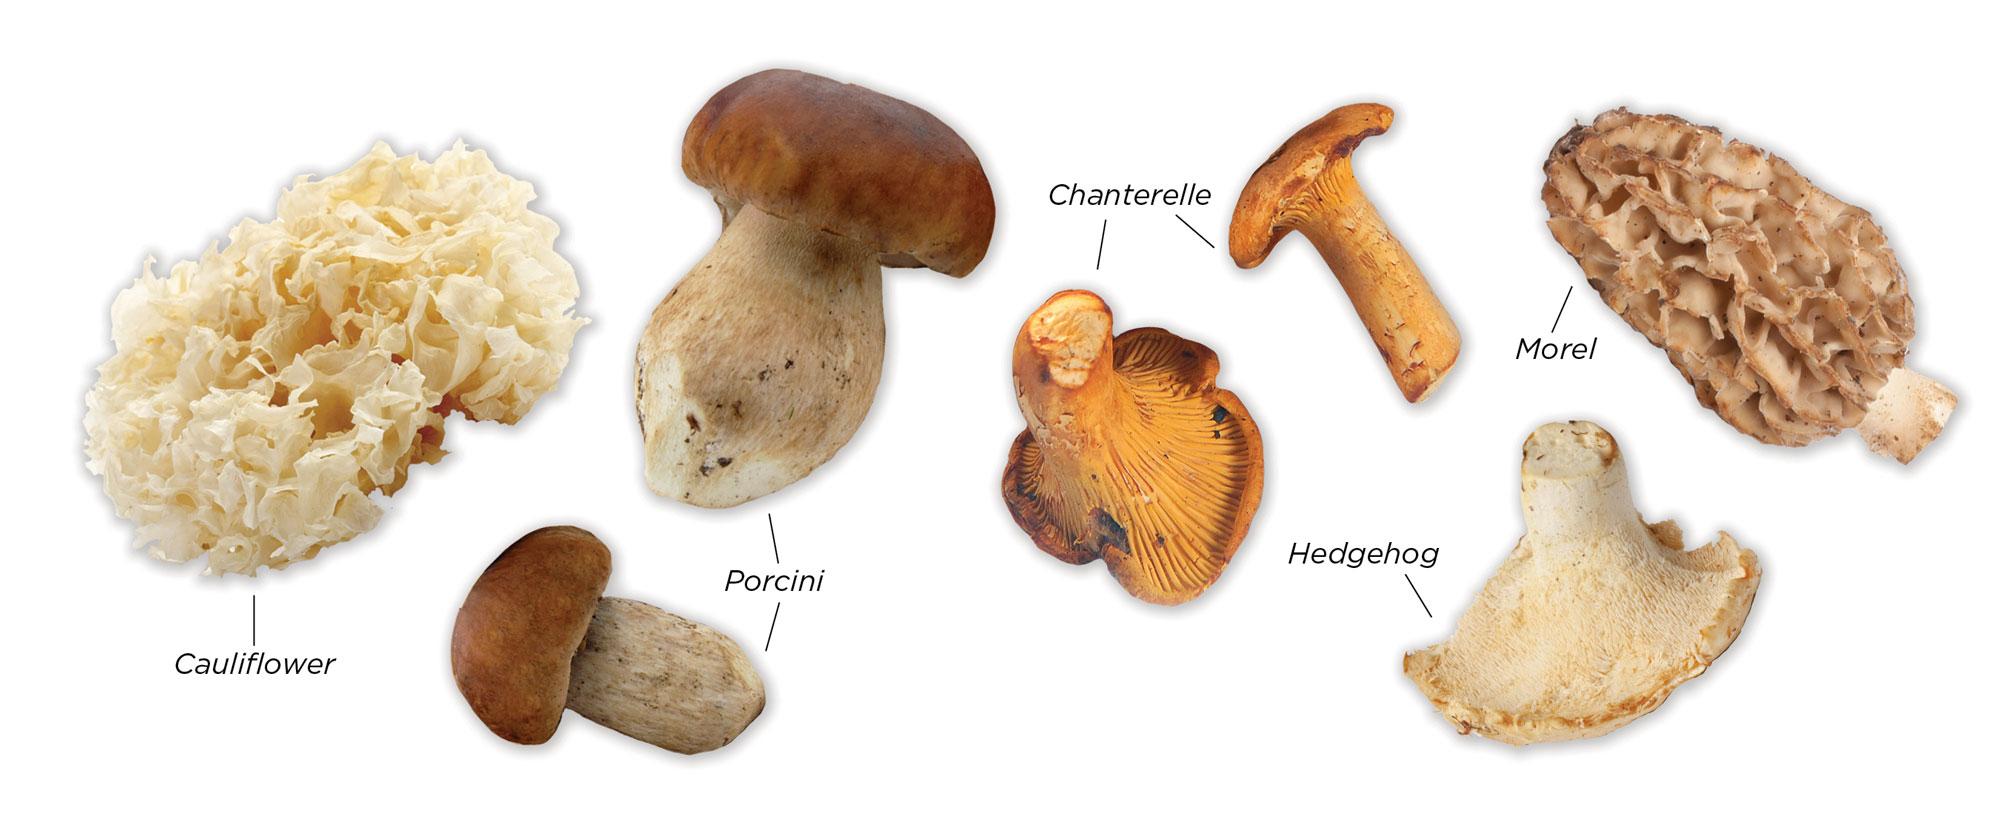 Varieties of mushroom